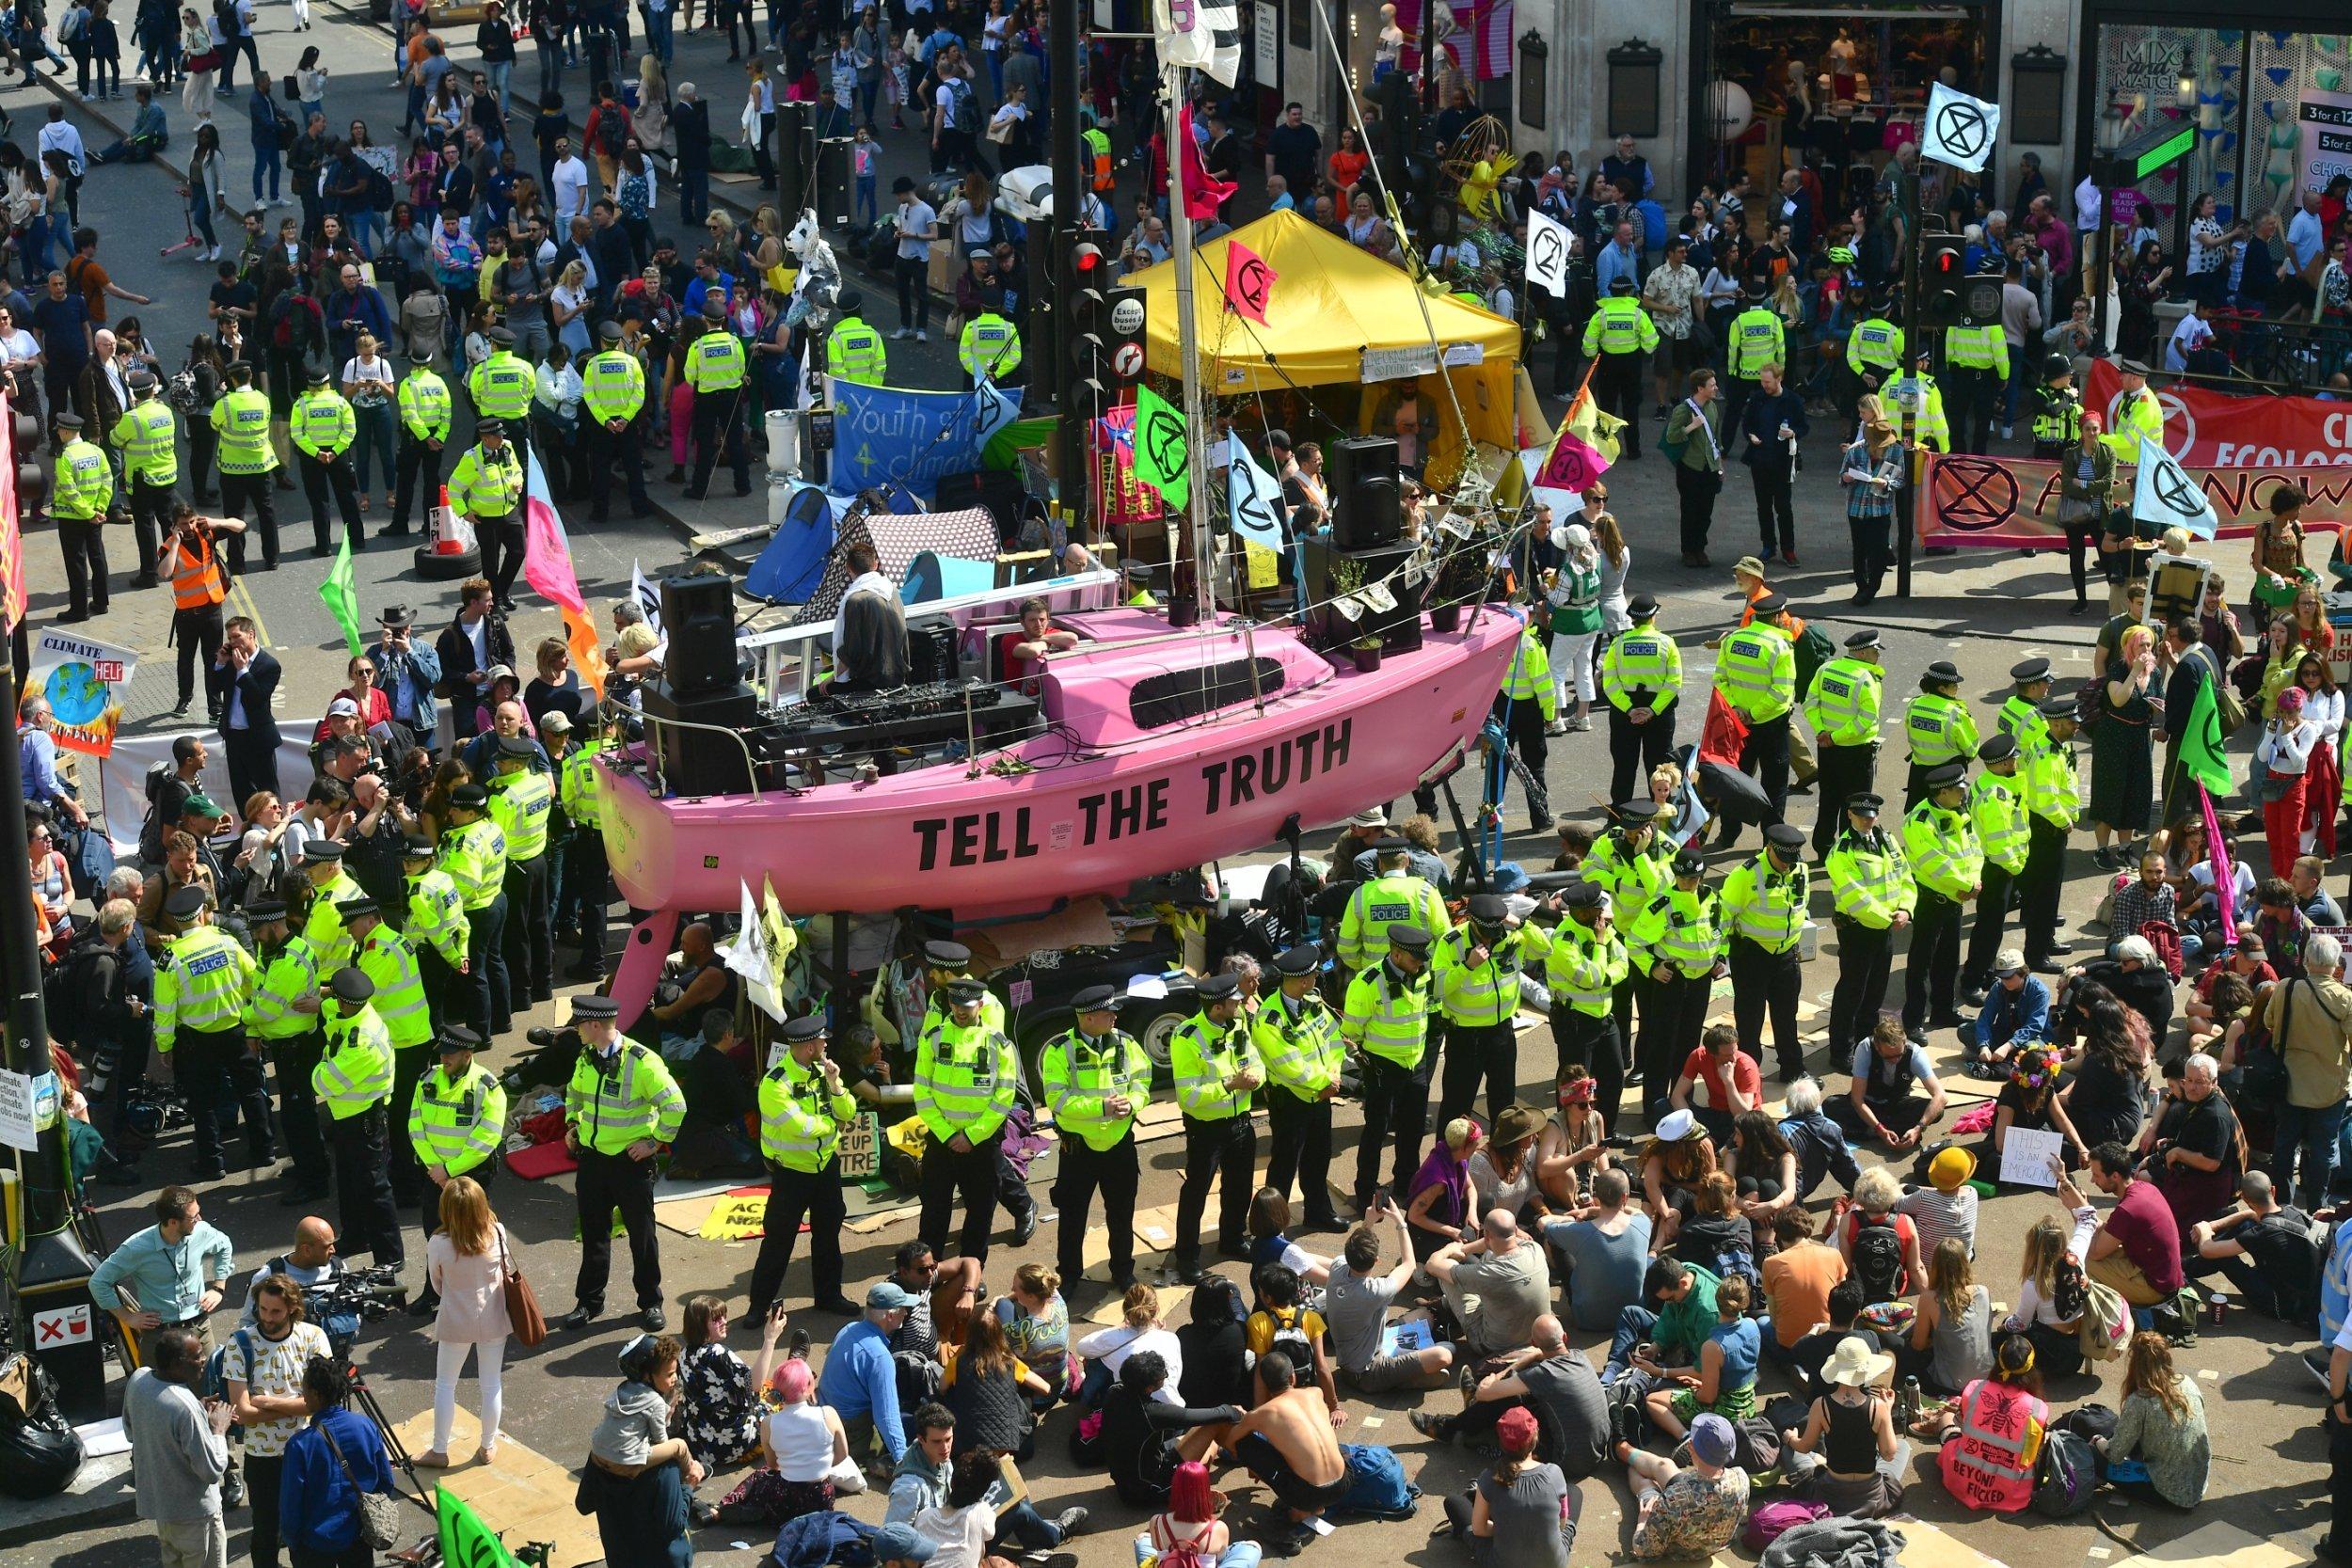 Des centaines de militants de l'Extinction Rebellion se sont réunis lors de la sixième journée de manifestations à Londres